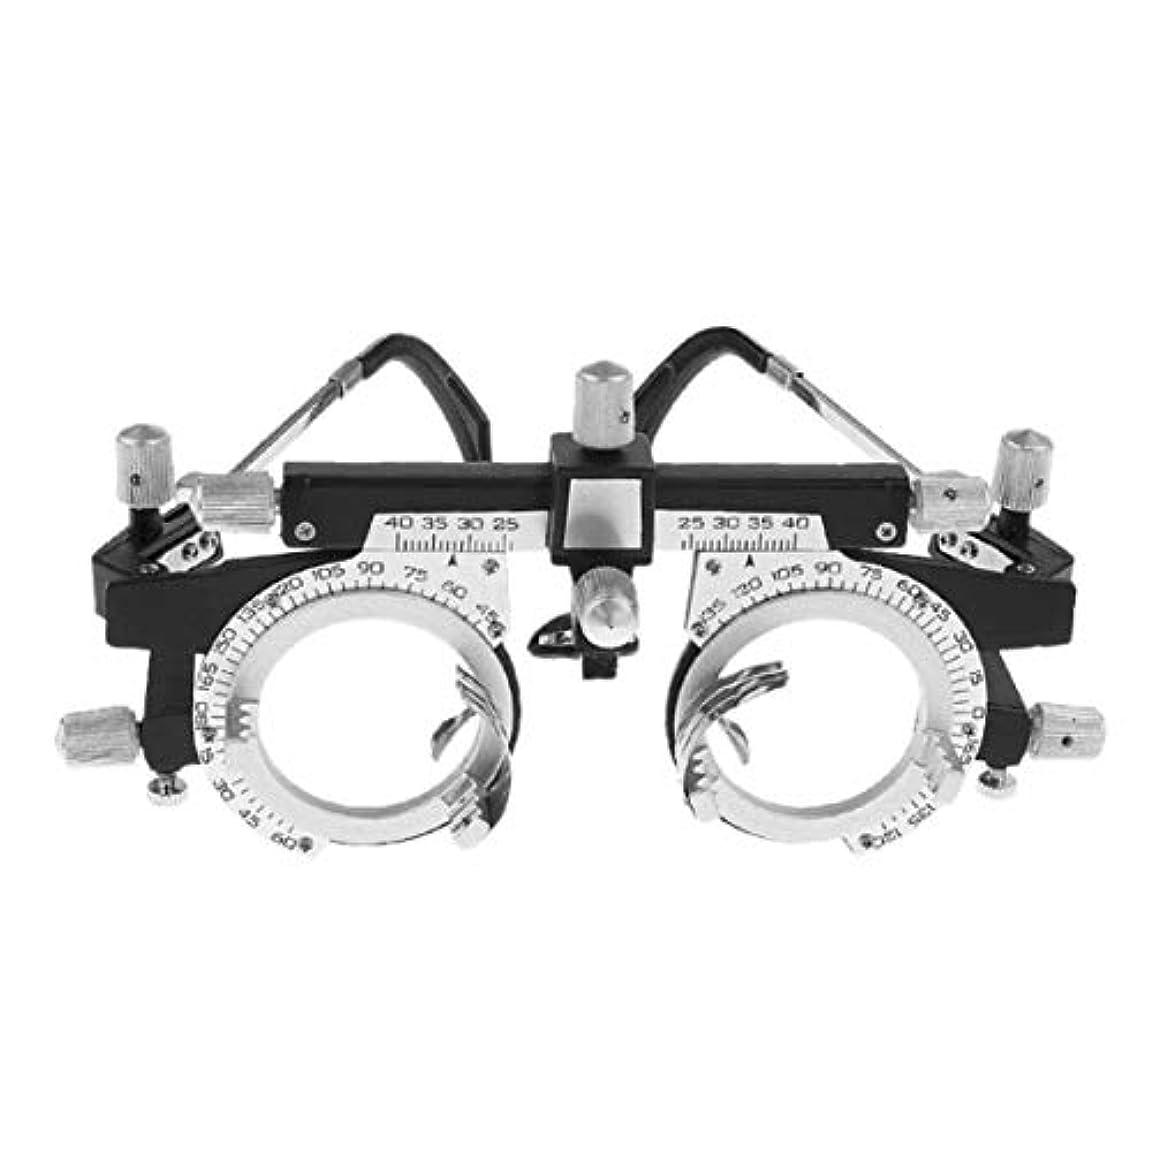 ラバ残る紀元前調節可能なプロフェッショナルアイウェア検眼メタルフレーム光学オプティクストライアルレンズメタルフレームPDメガネアクセサリー - シルバー&ブラック